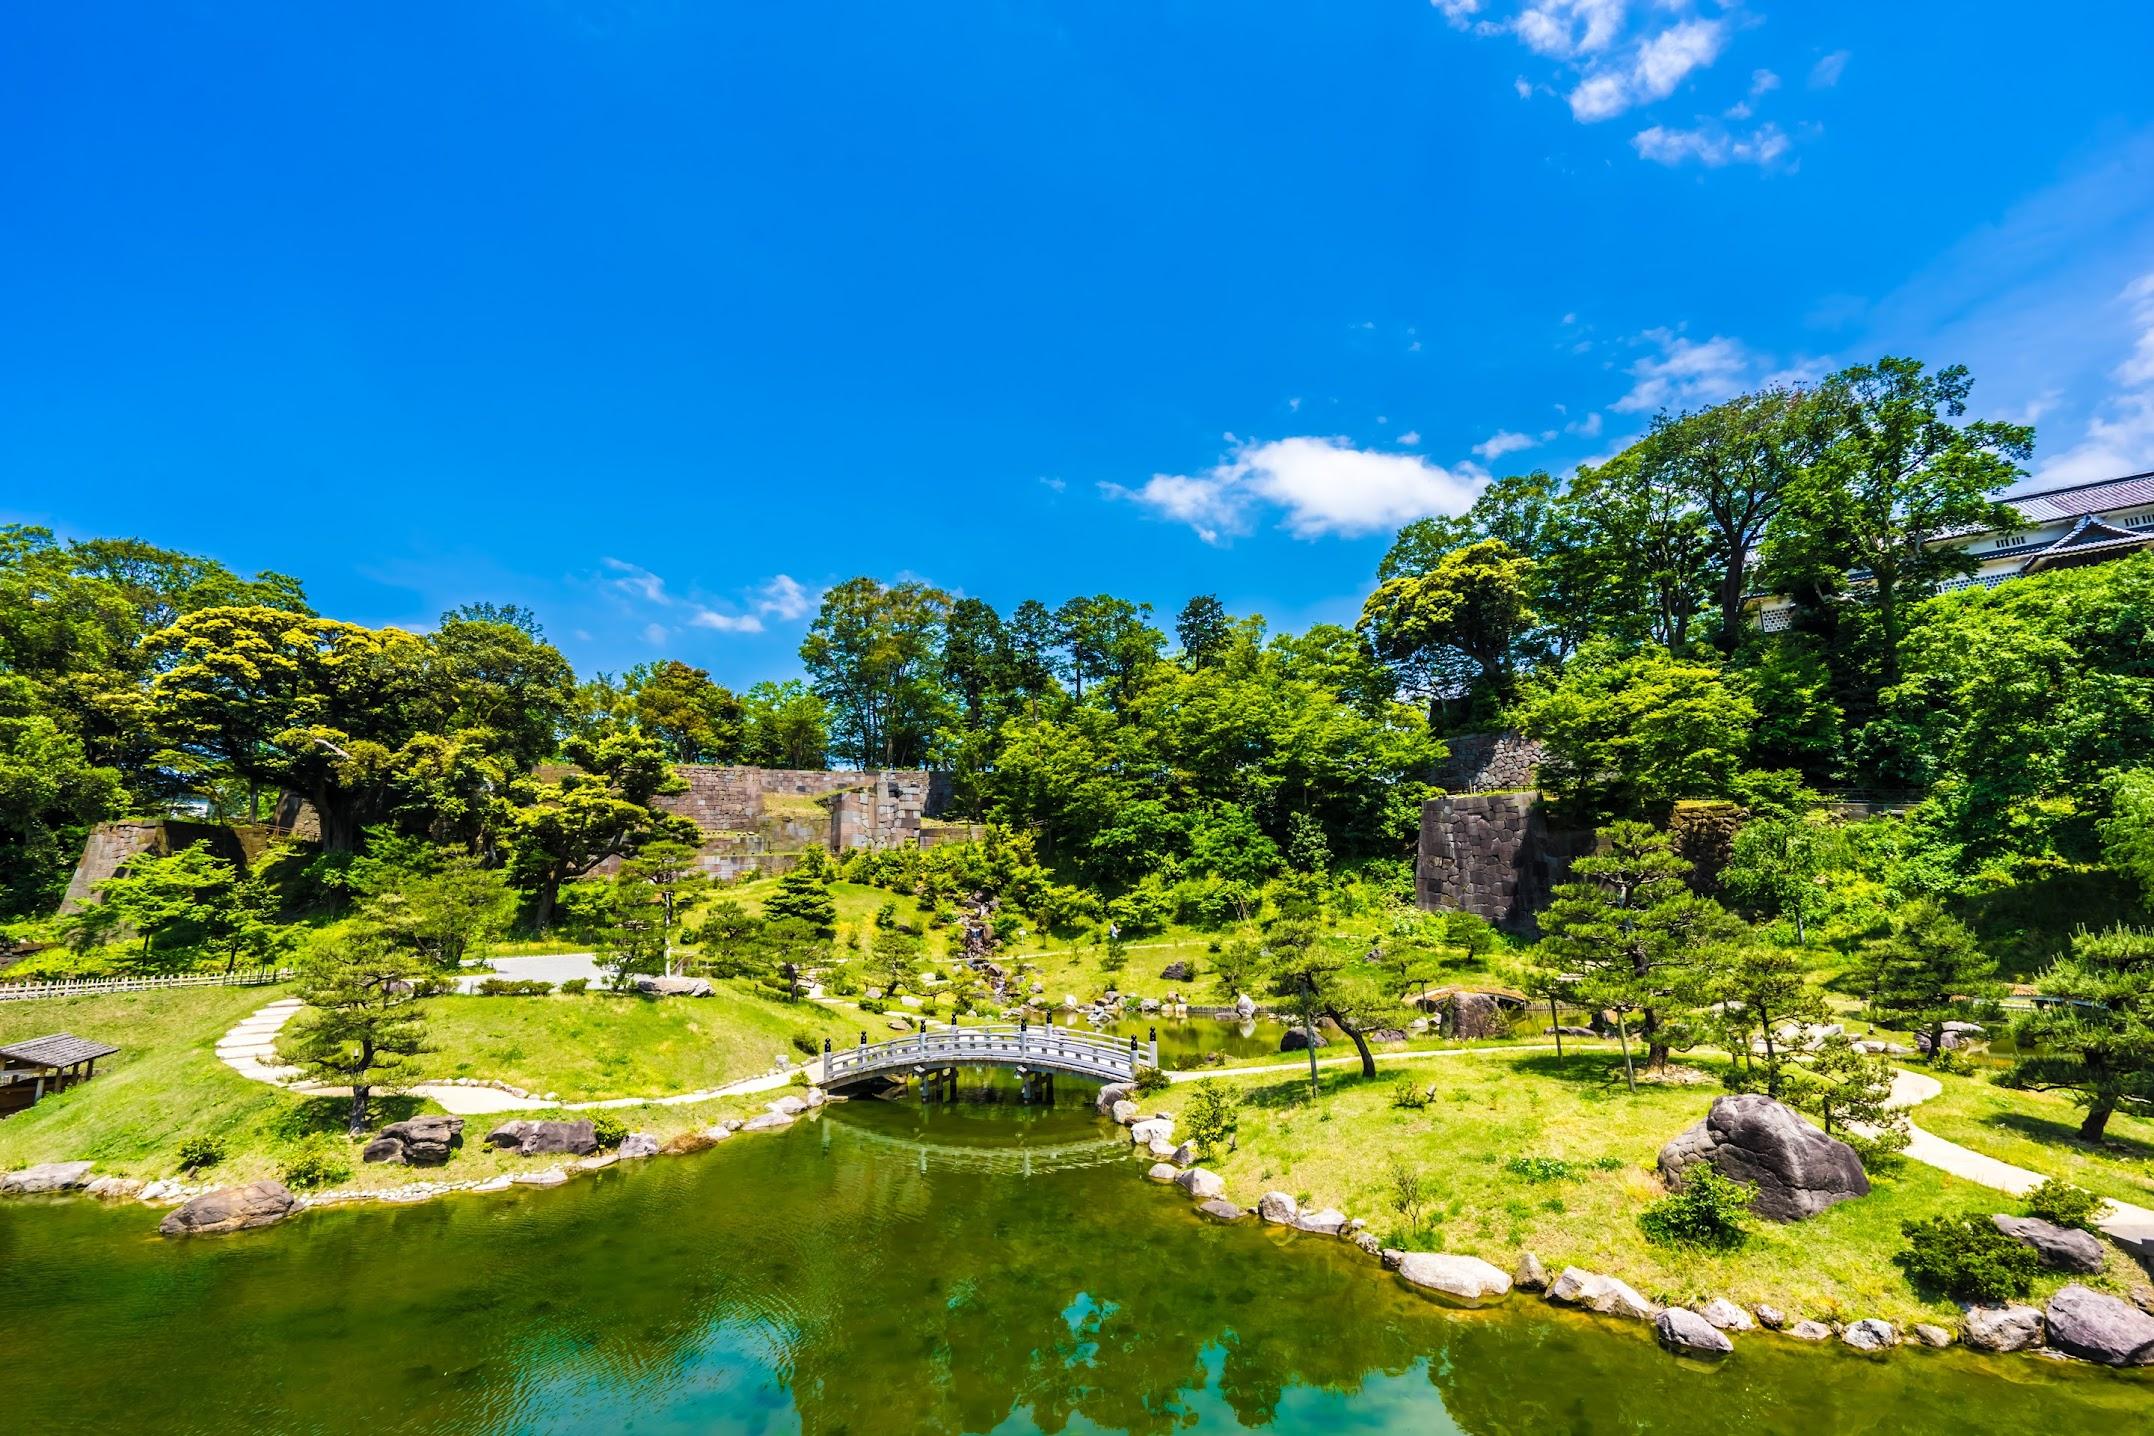 金沢城公園 玉泉院丸庭園2